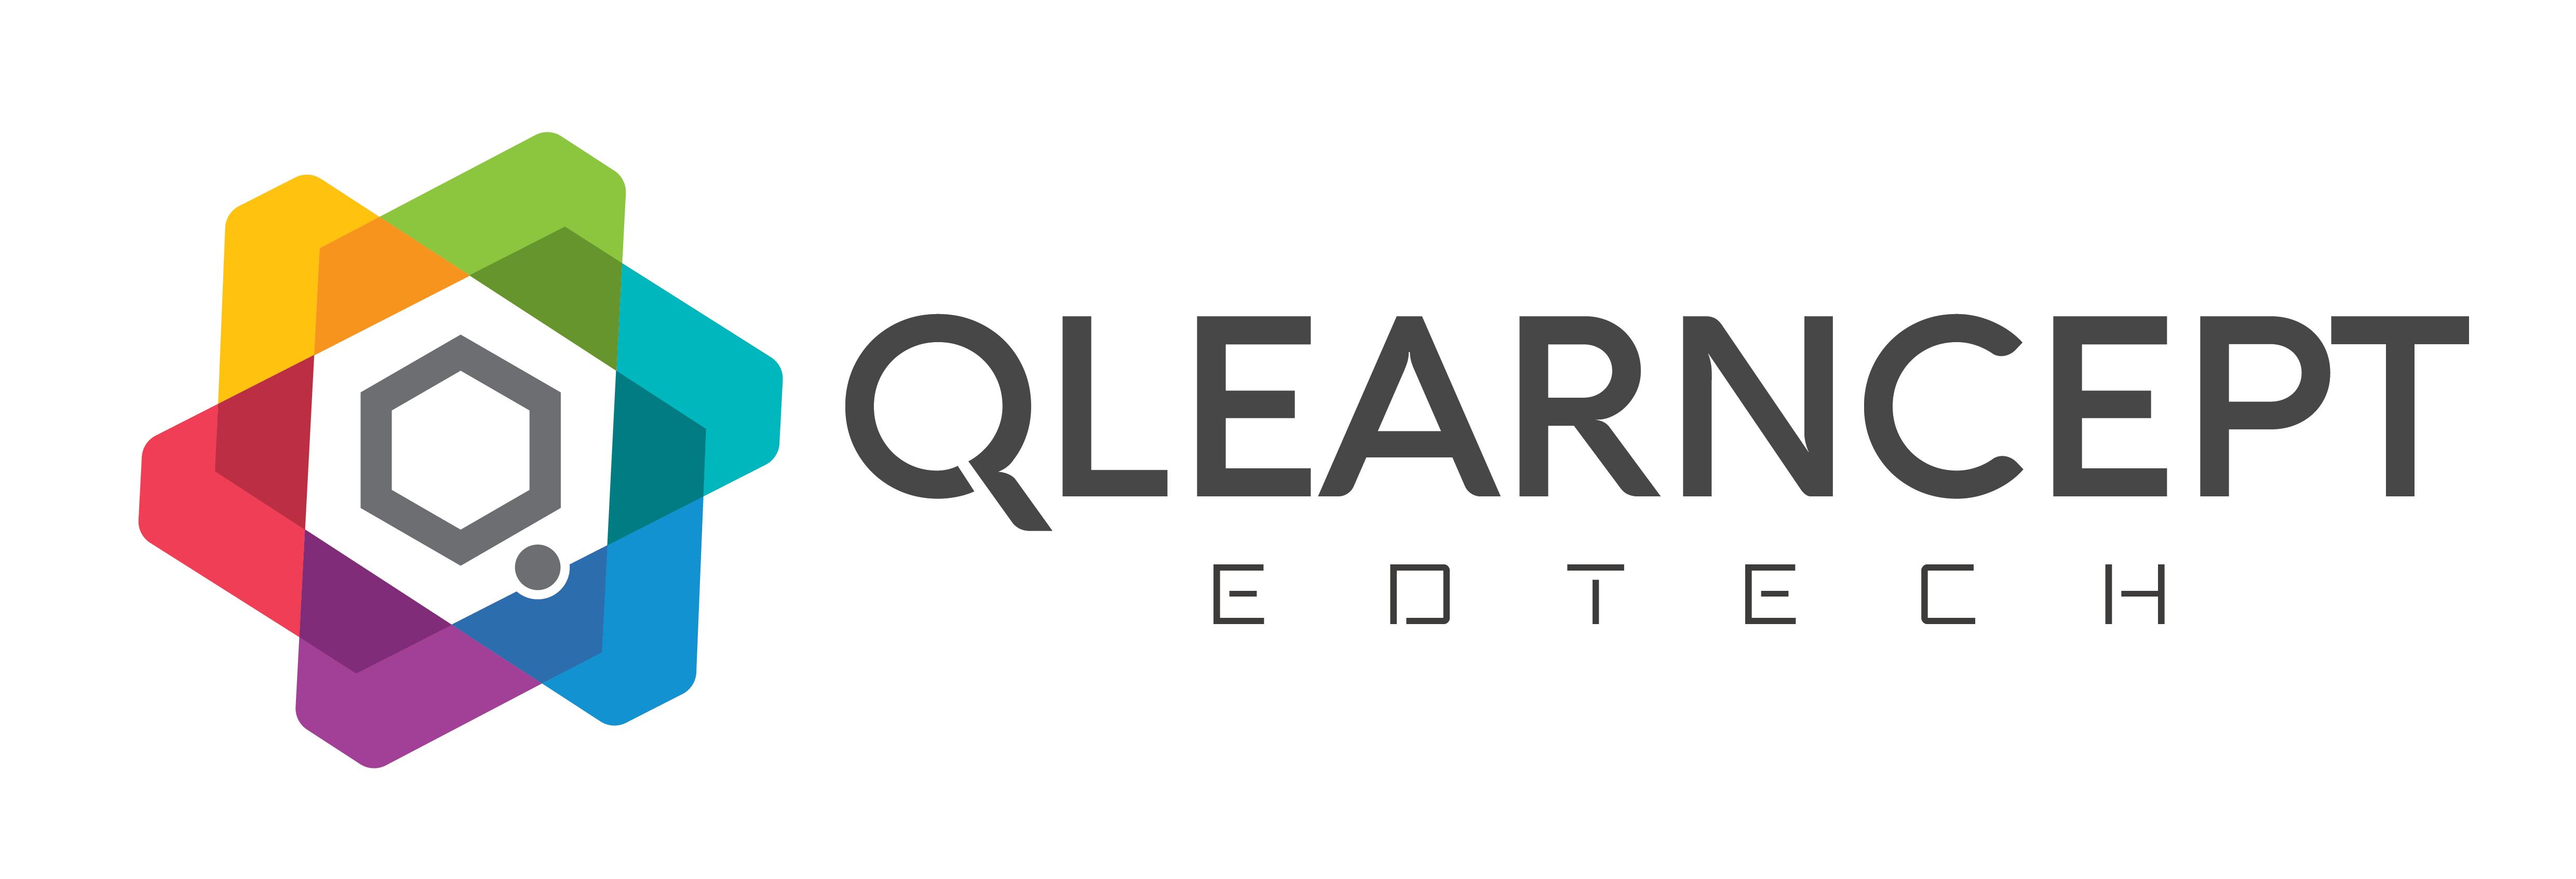 http://www.qlearncept.com/